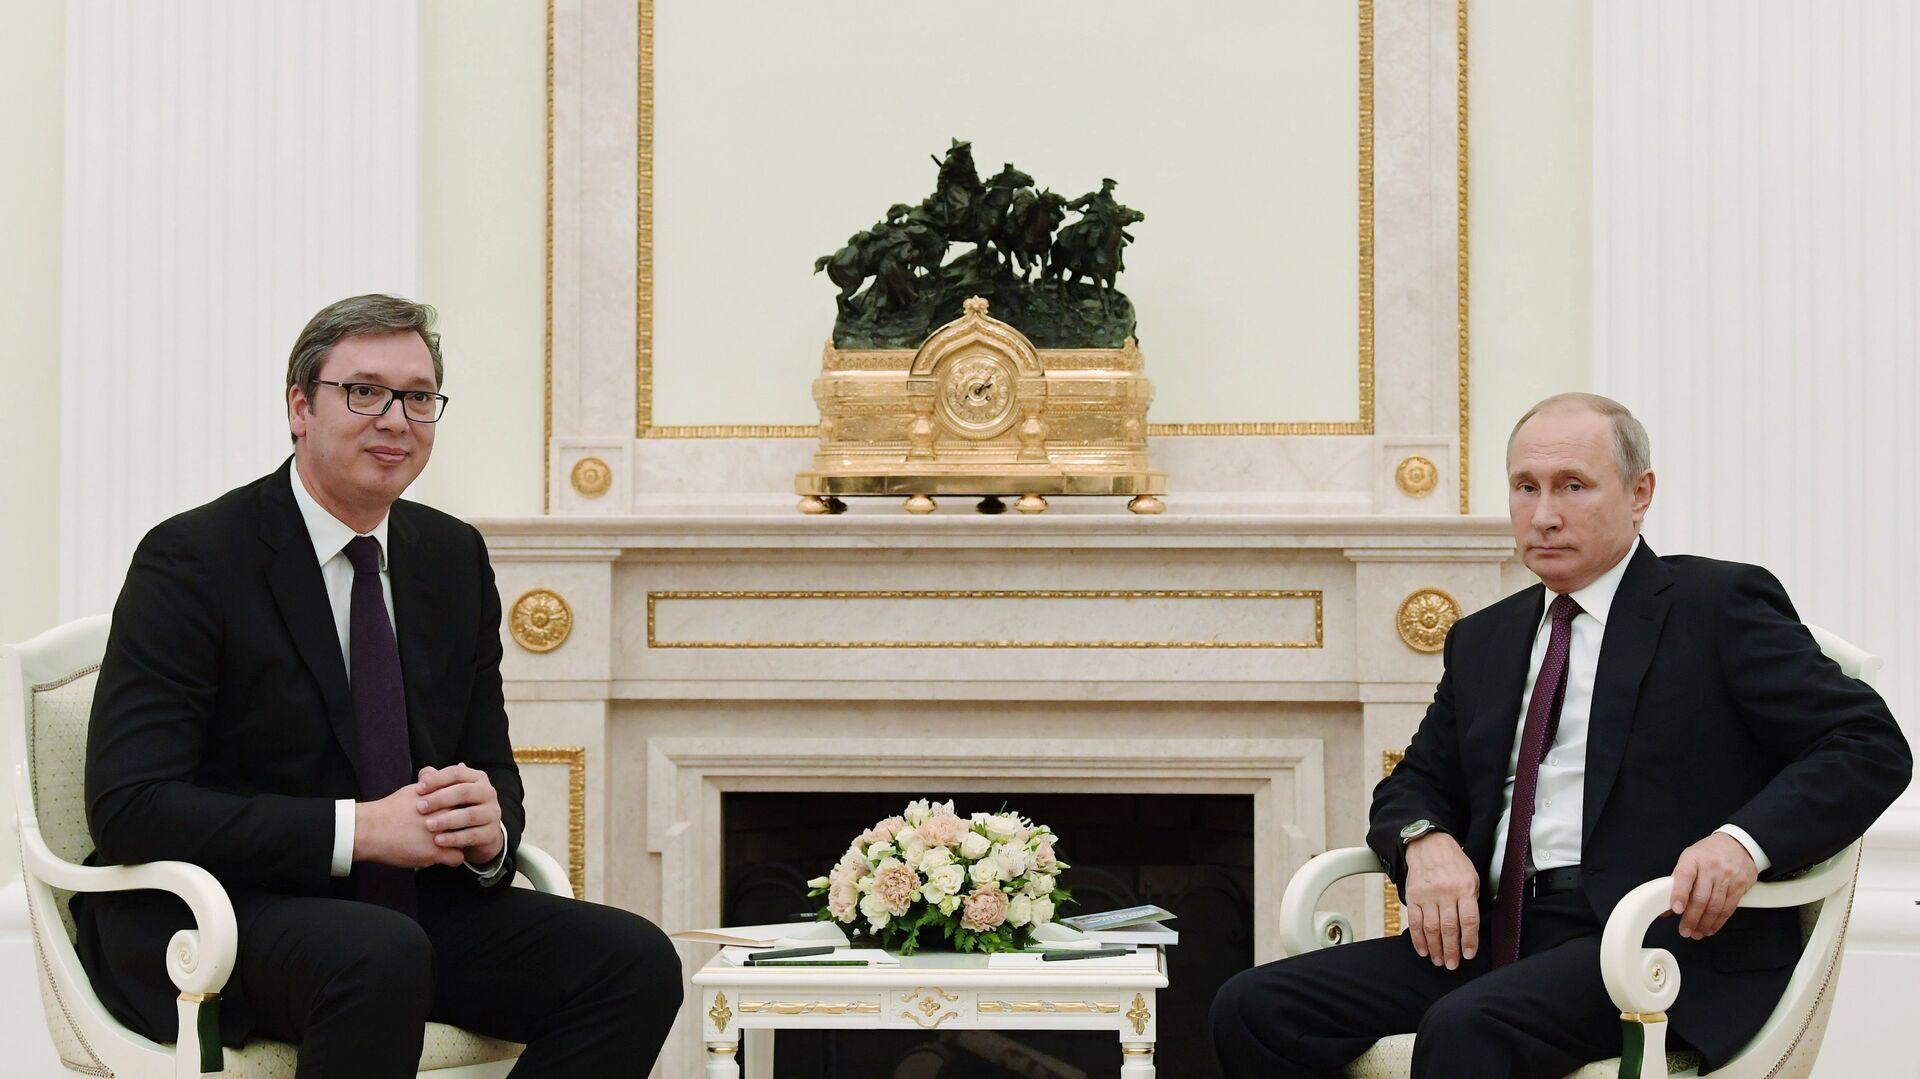 Президент РФ Владимир Путин и президент Сербии Александр Вучич во время встречи в Москве. 2 октября 2018 - РИА Новости, 1920, 03.02.2021